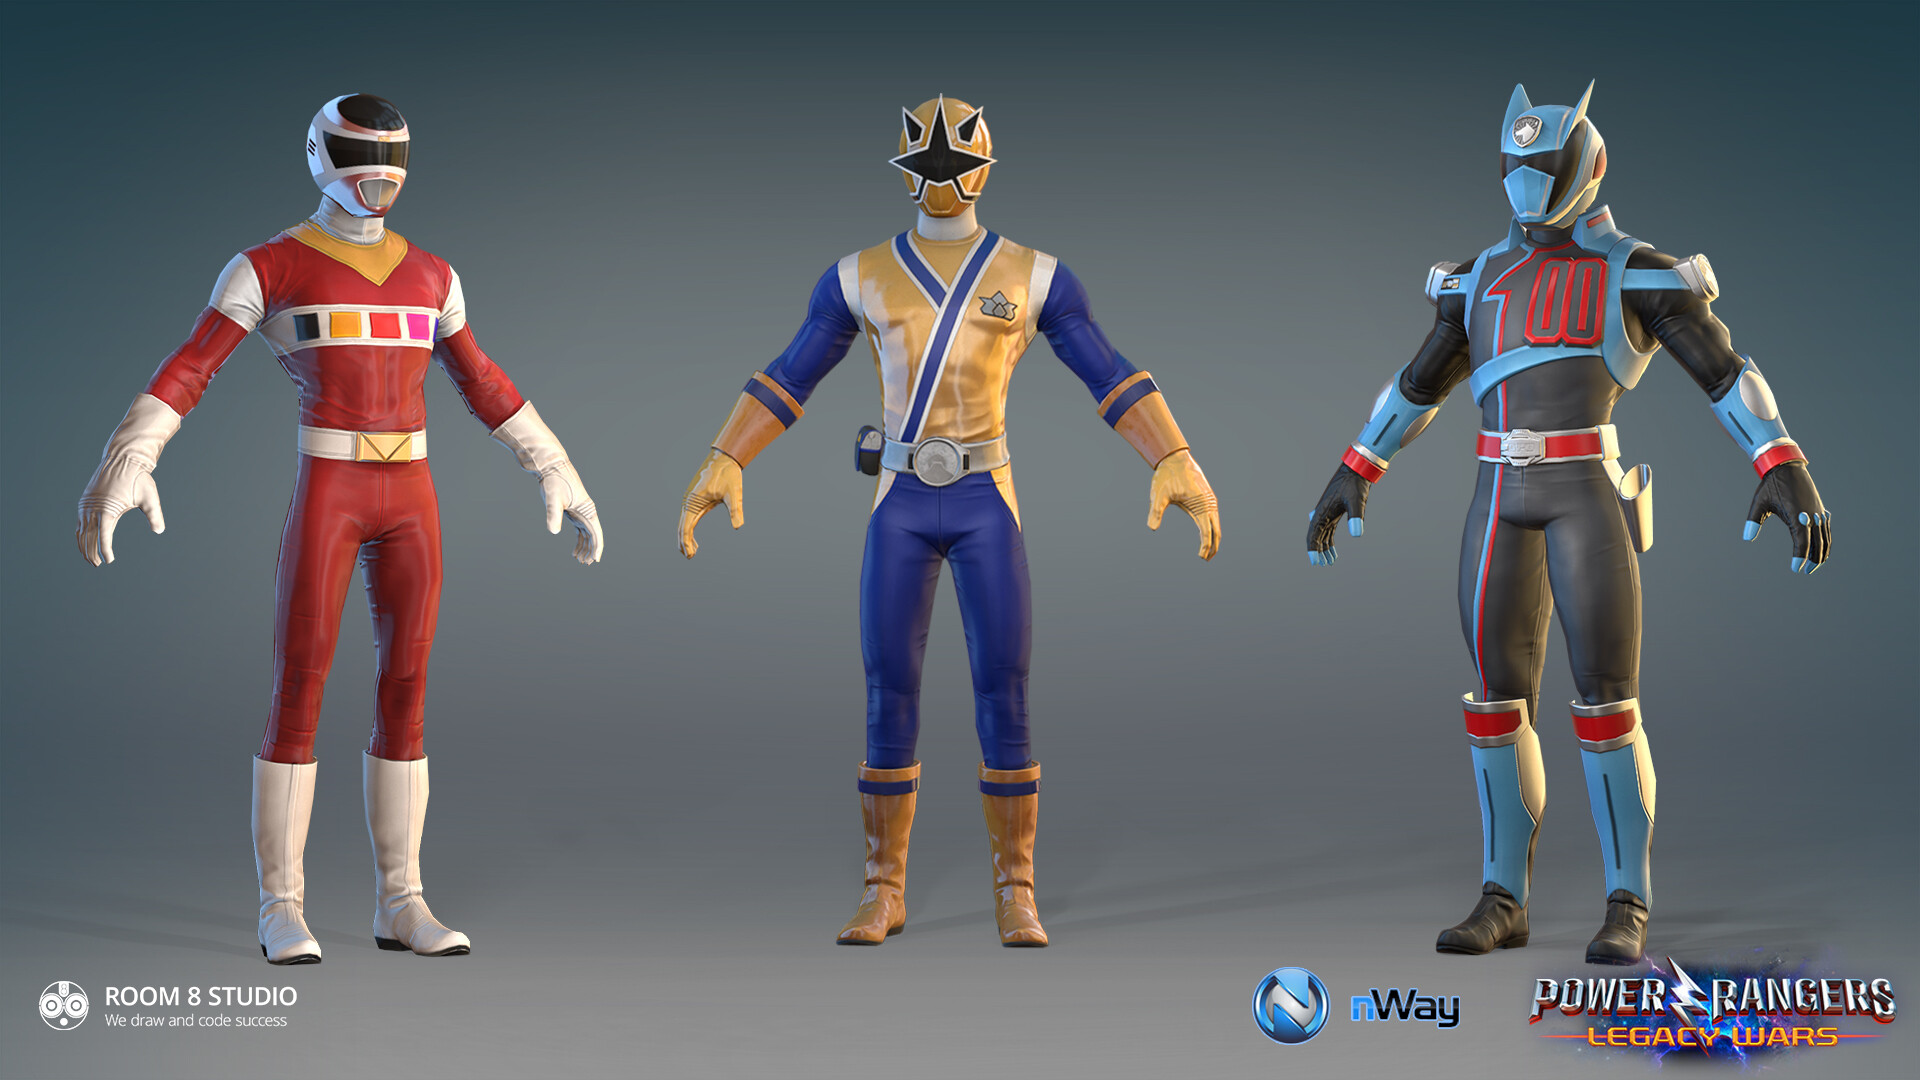 ArtStation - Power Rangers: Legacy Wars - Characters, ROOM 8